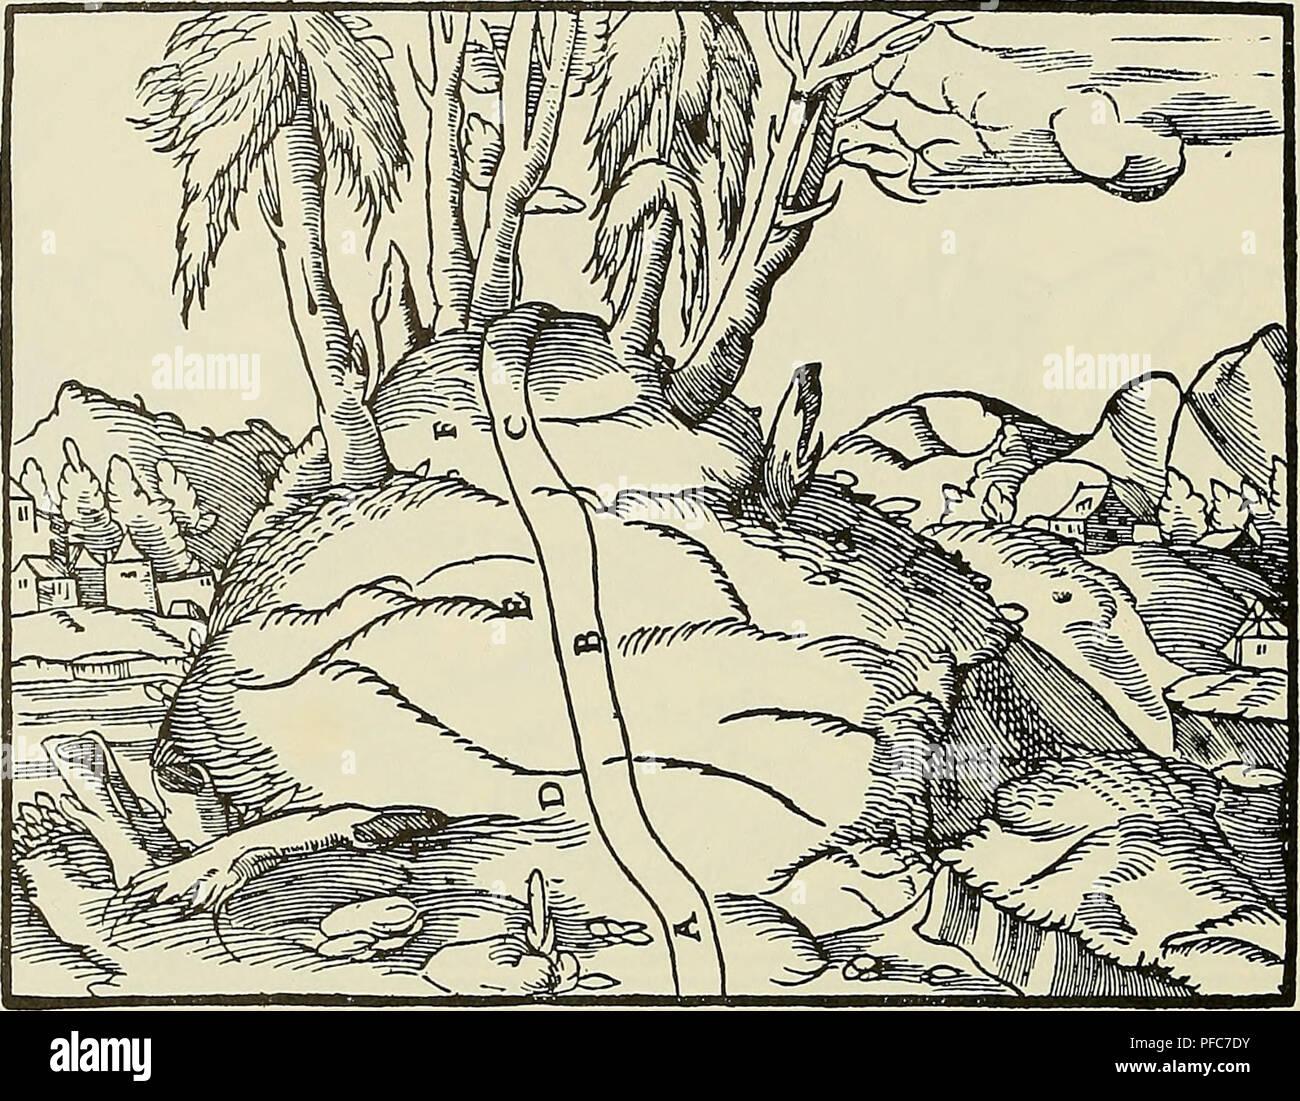 . De re metallica. Metallurgia; alle industrie minerarie. 56 libro III. Altri, al contrario, gestito da nord a sud. A, B, C-vena. D E F-cuciture nelle rocce. Le giunzioni tra le rocce ci indicano se una vena corre da est o da ovest. Per esempio, se la roccia cuciture inclinarsi verso l'ovest come scendono in terra, la vena viene detto di eseguire da est a ovest; se essi inclinarsi verso l oriente, la vena viene detto di eseguire da ovest a est; in modo analogo si determina dalla roccia cuciture se le vene eseguito a nord o a sud. Ora i minatori dividere ogni trimestre la terra in s Foto Stock